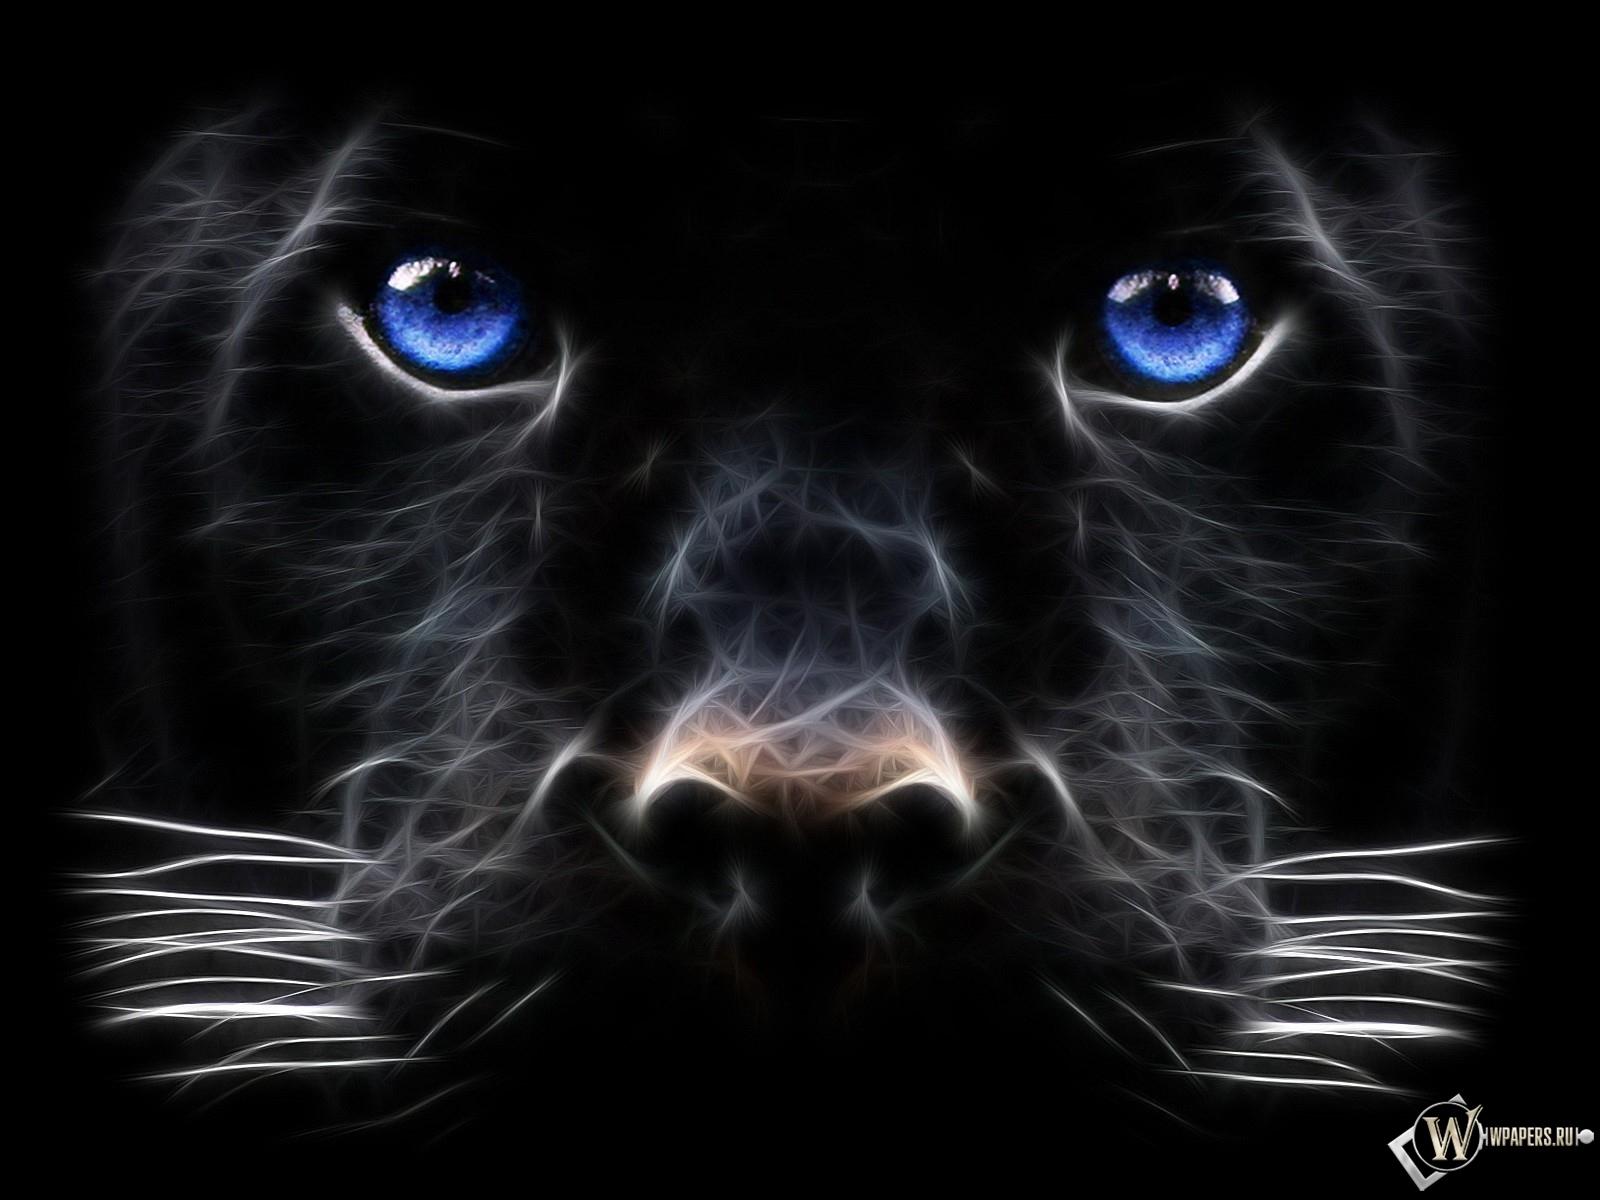 Рисованная пантера 1600x1200